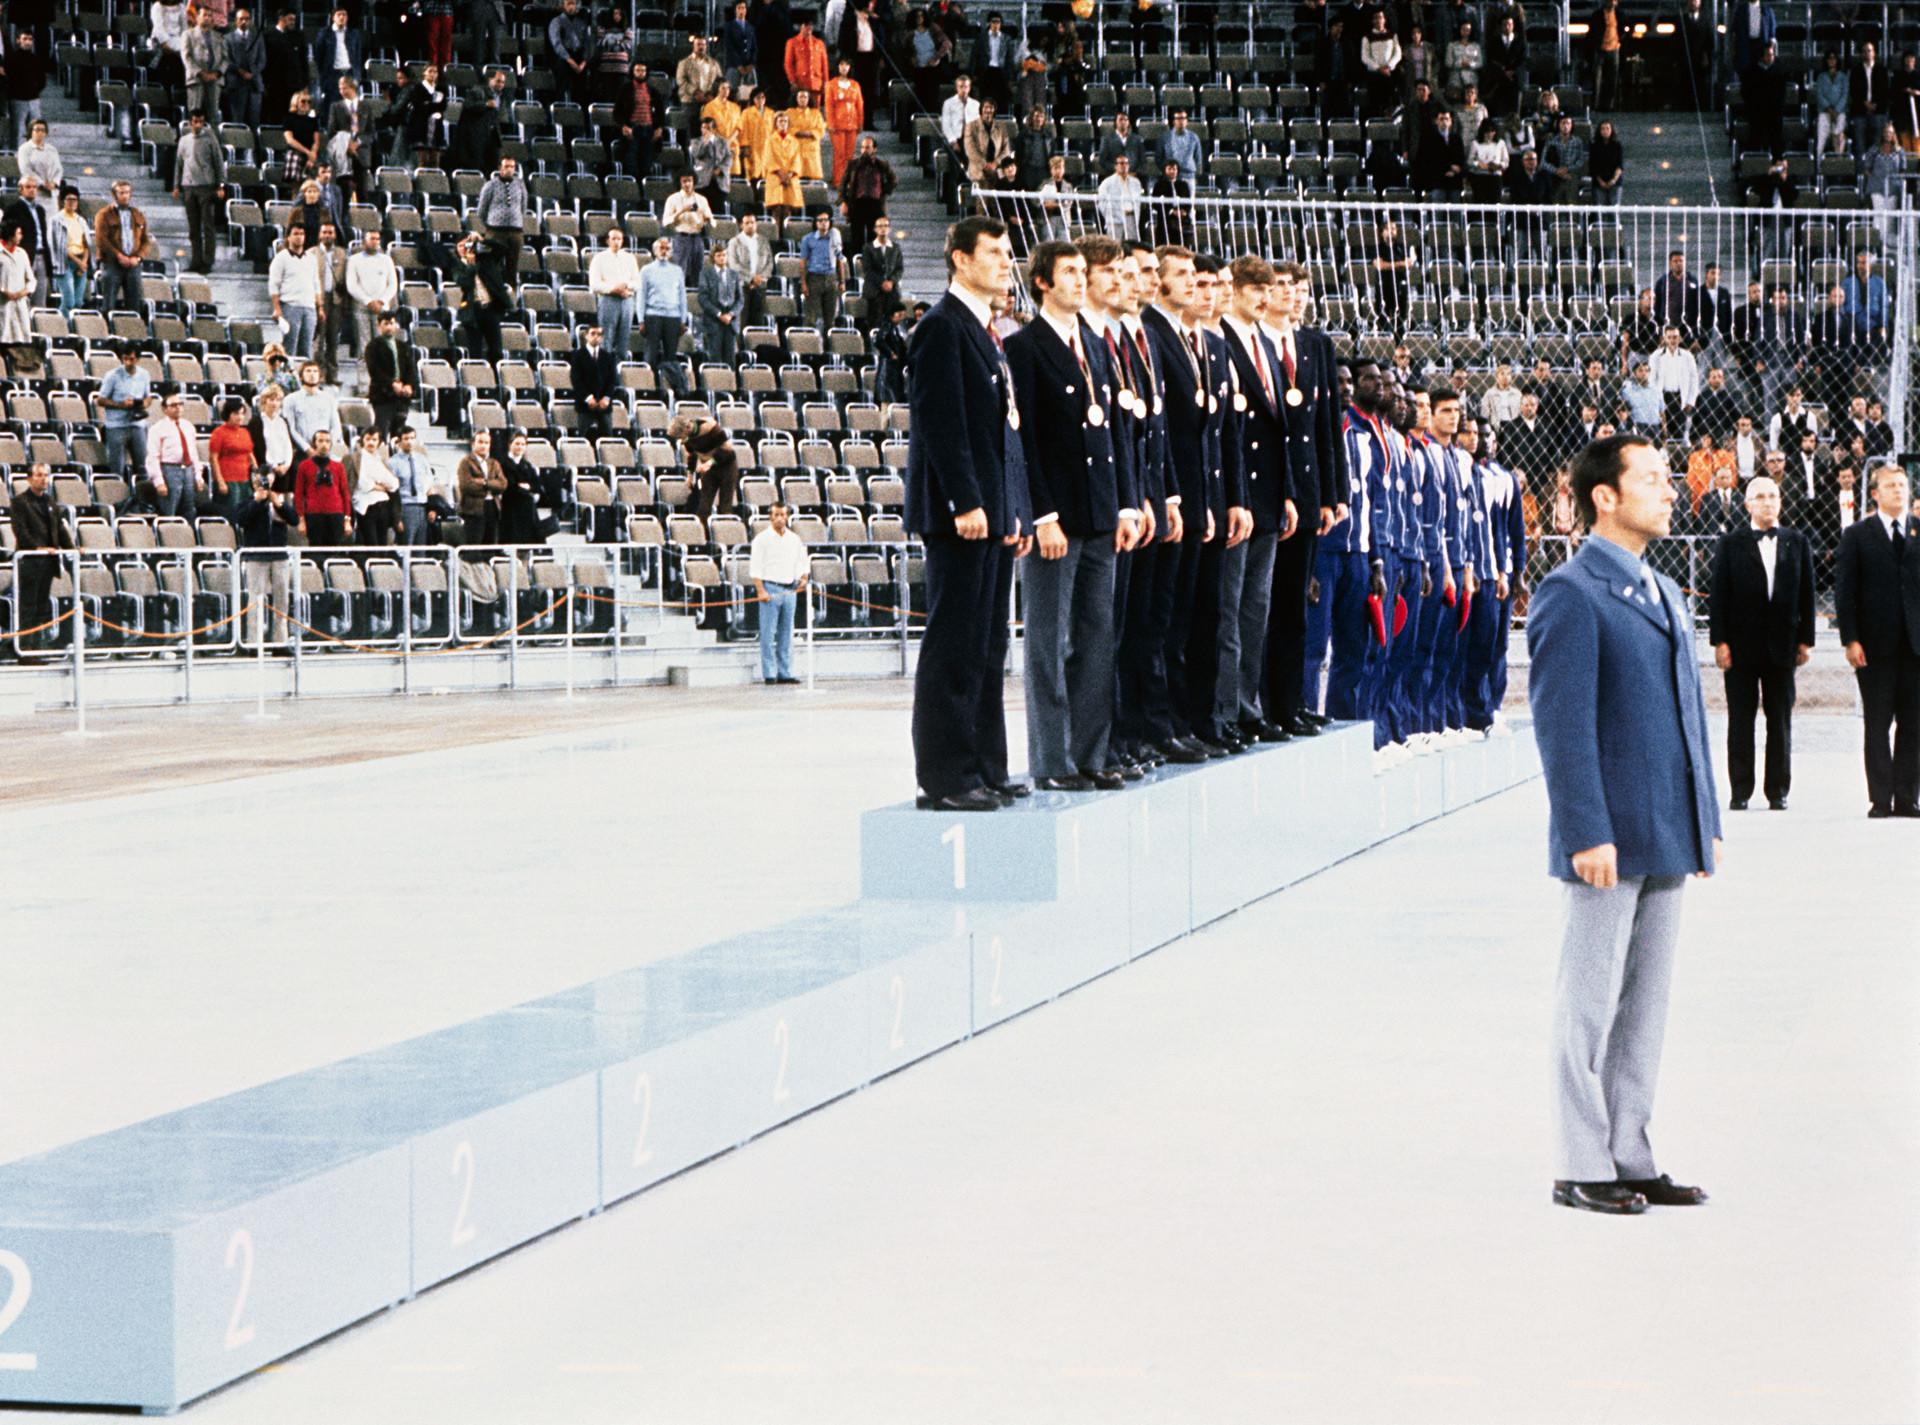 Pobjedničko postolje Olimpijade u Münchenu. Amerikanci su odbili sudjelovati. Bronca je pripala Kubi.